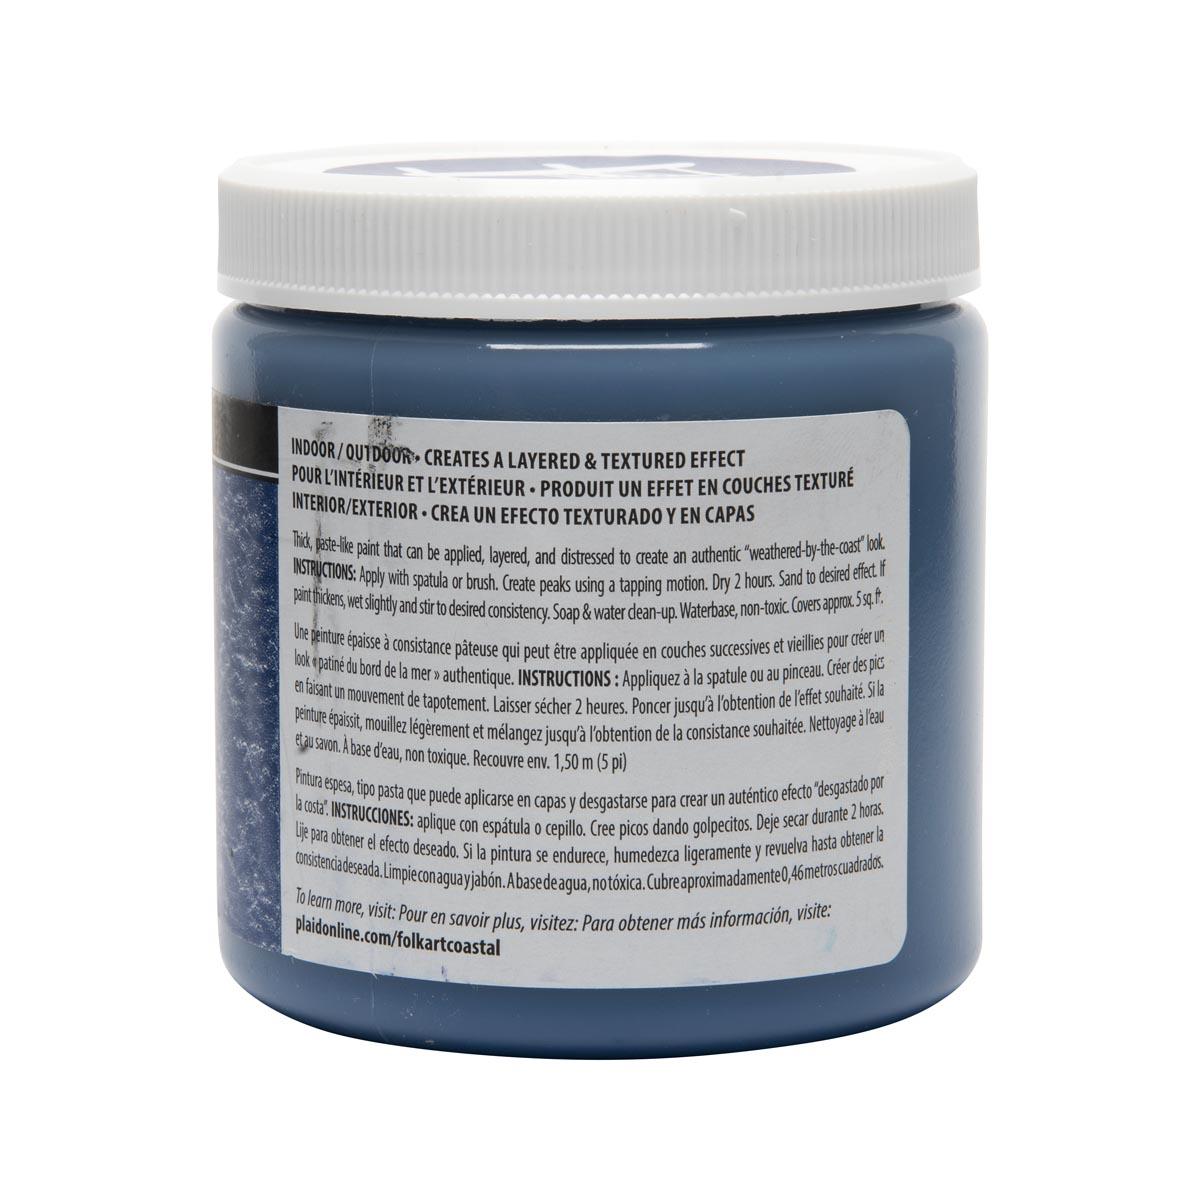 FolkArt ® Coastal™ Texture Paint - Poseidon, 8 oz.